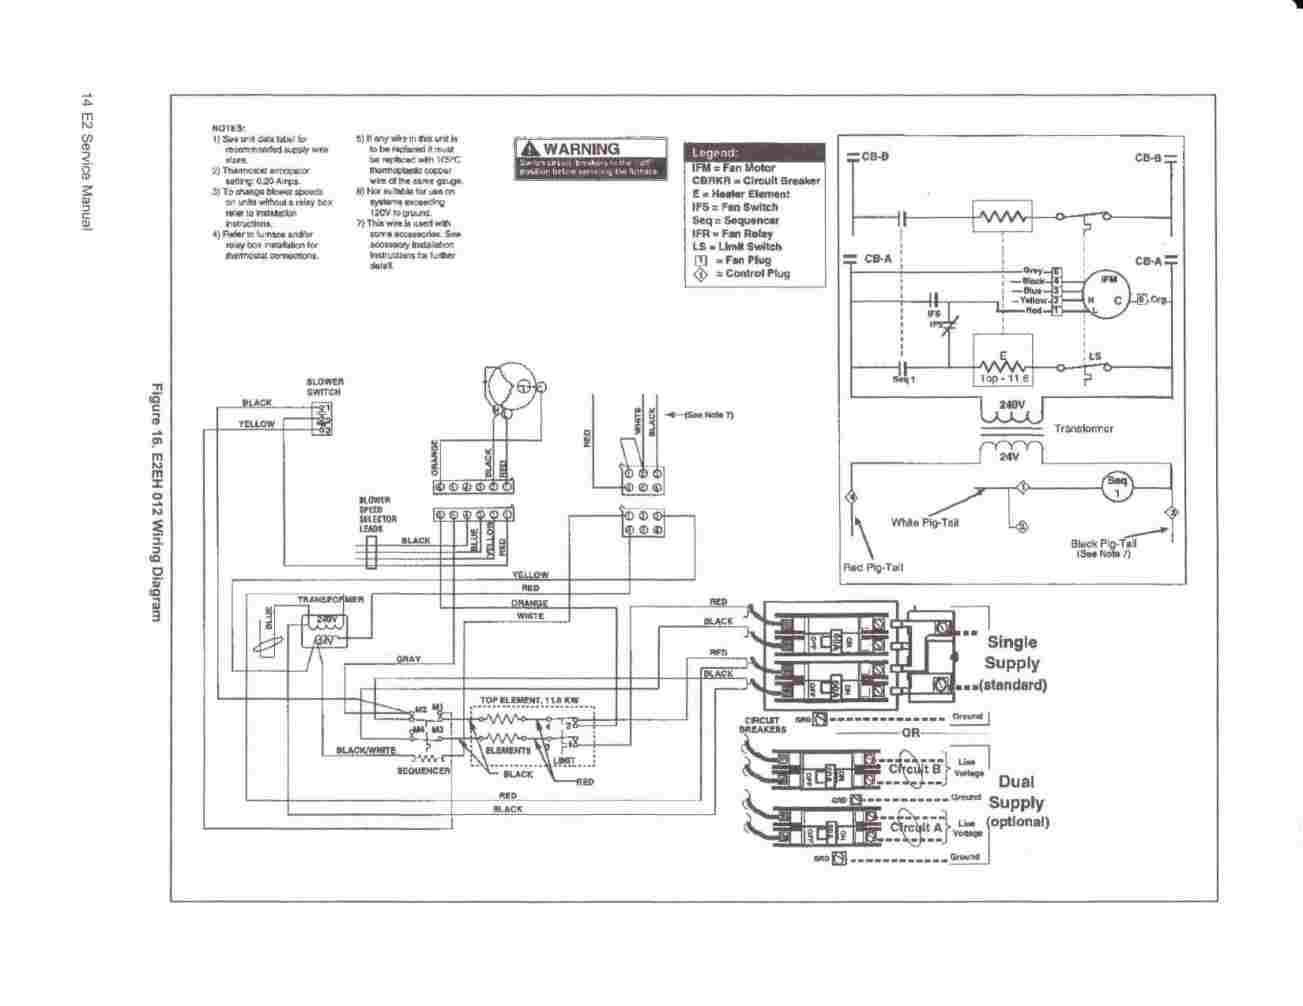 Schema Electrique Fiat 850 Spider